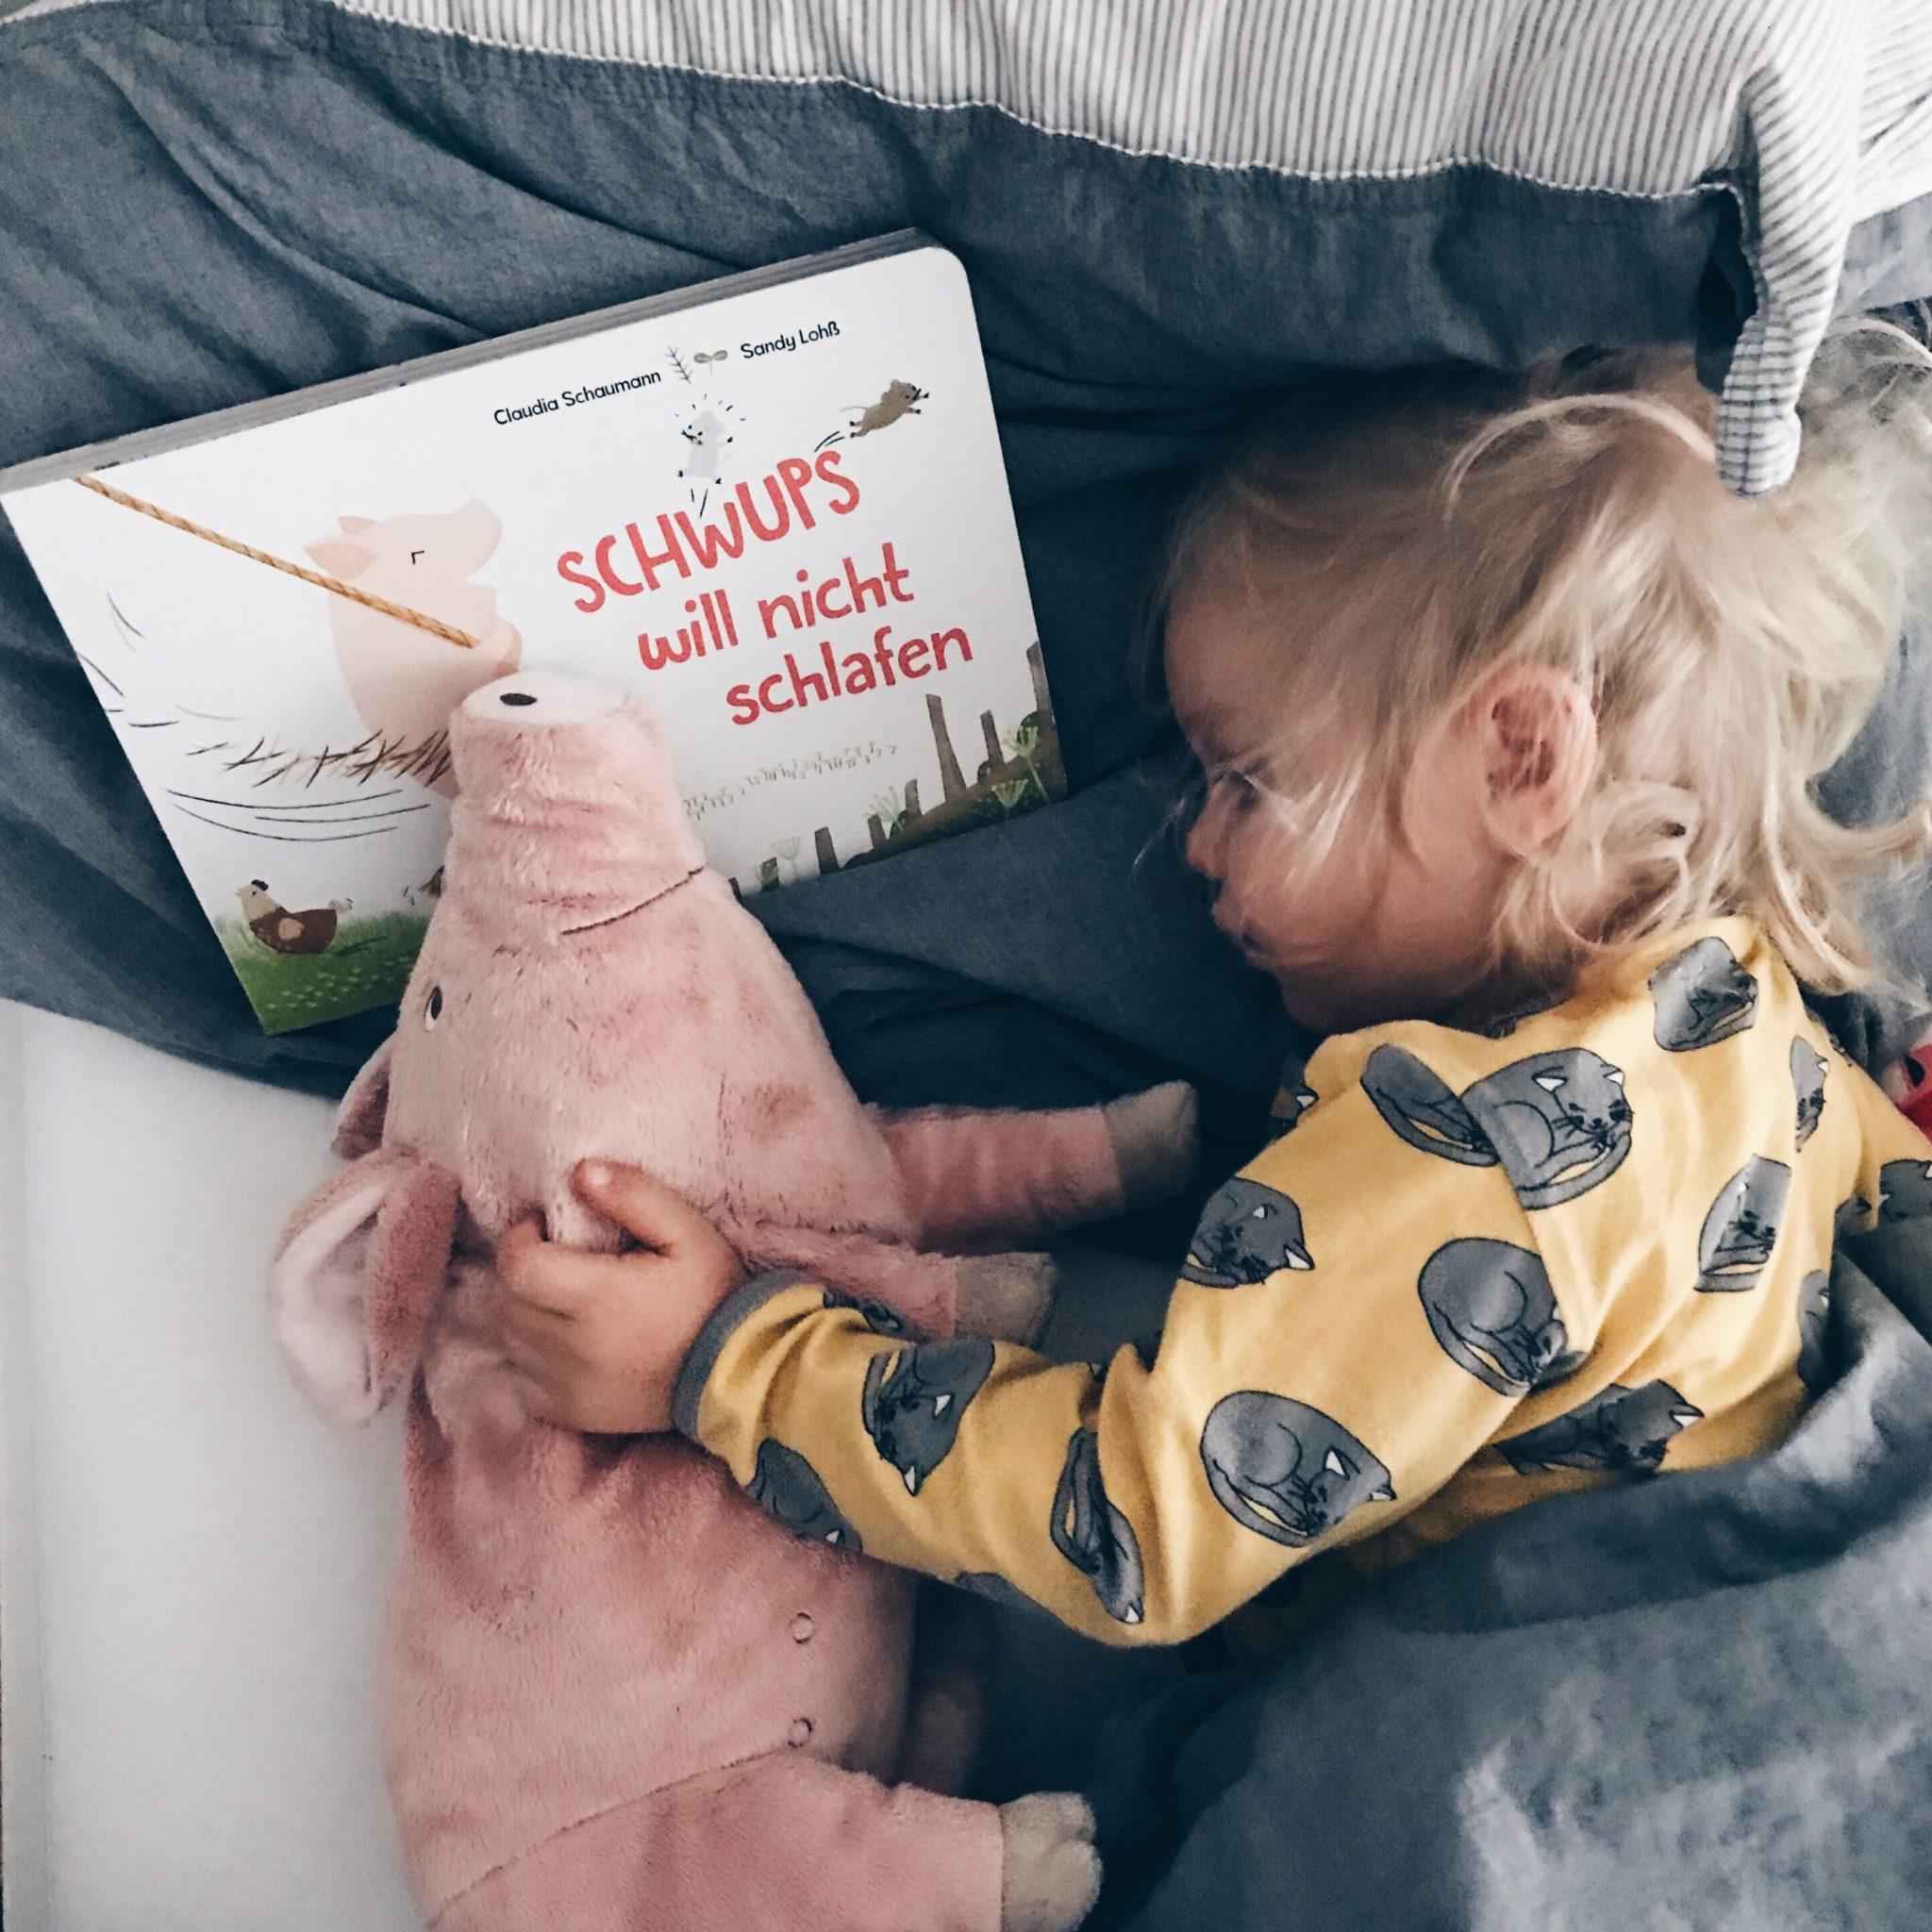 schwups will nicht schlafen das kenn 39 ich irgendwo her eine buchempfehlung sarahplusdrei. Black Bedroom Furniture Sets. Home Design Ideas